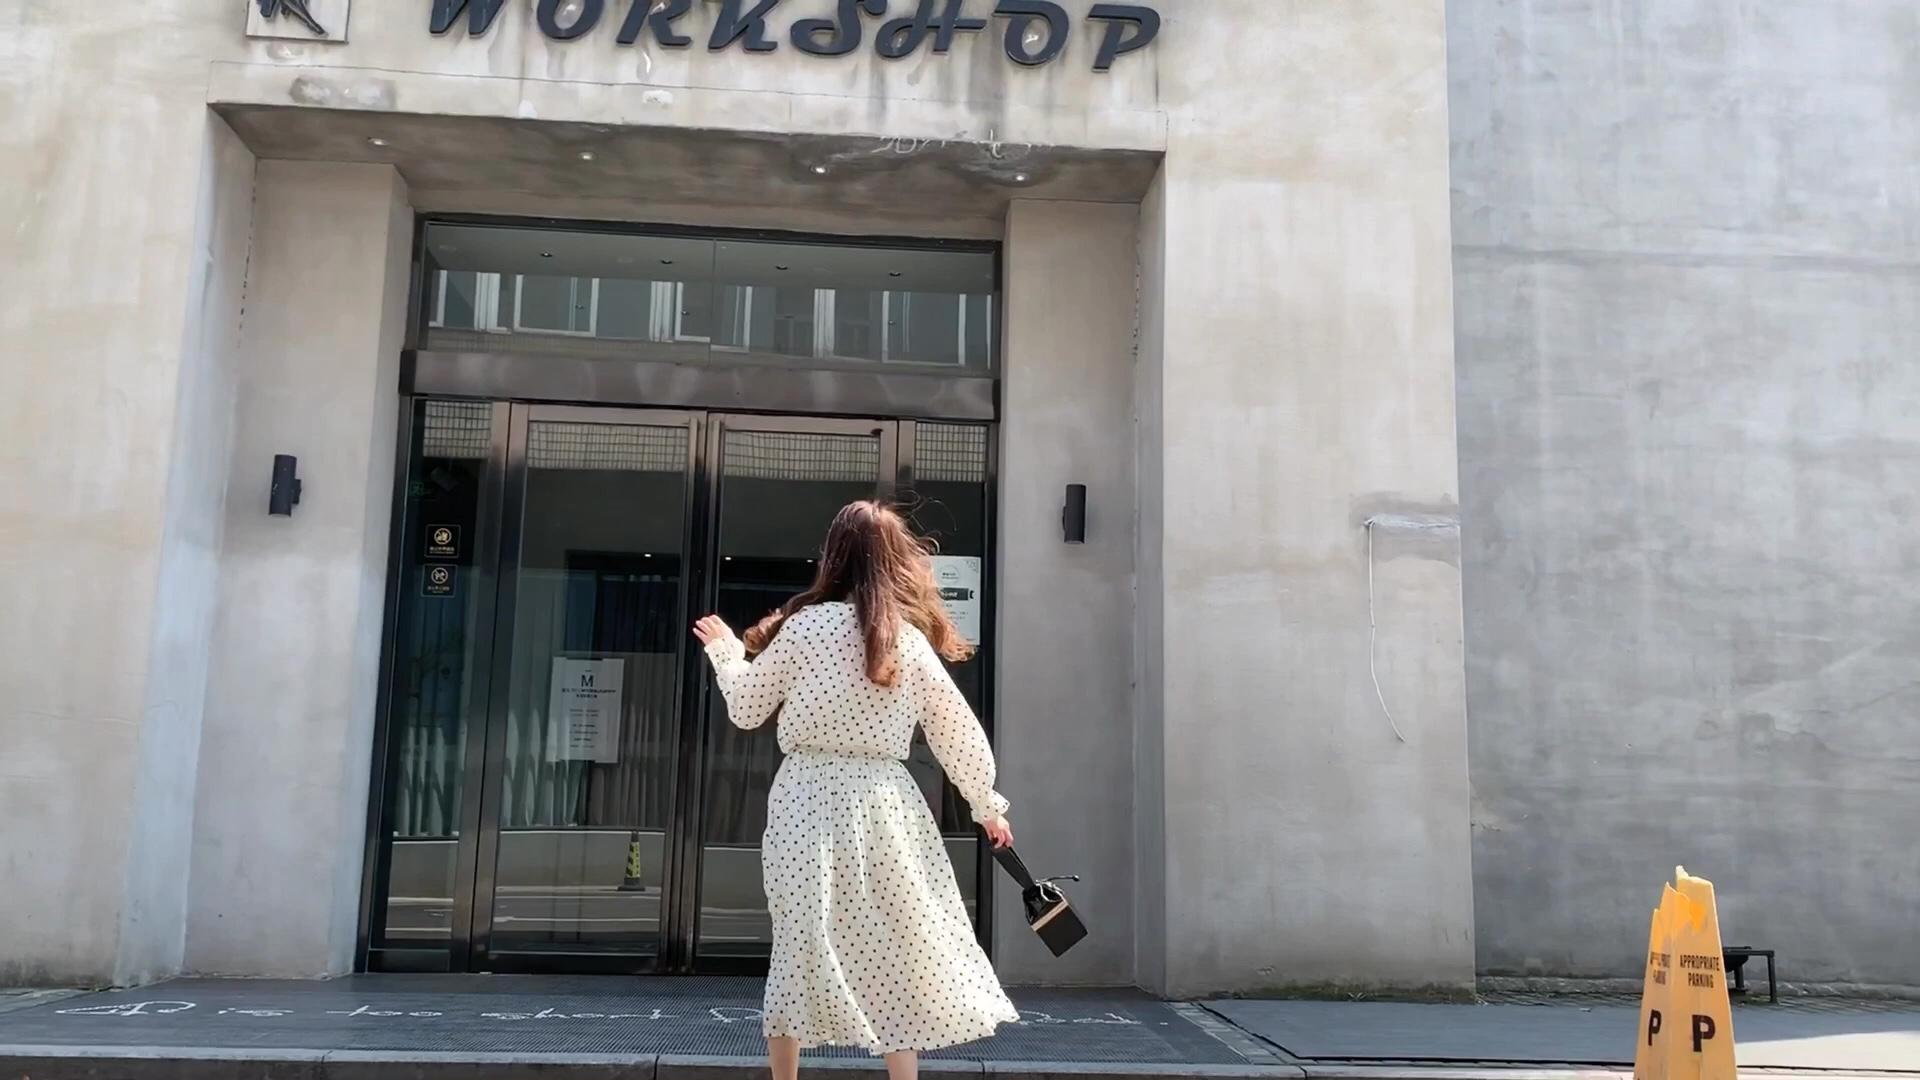 """所谓无波点不夏日,每年女生必备的穿搭,从一条""""法式波点连衣裙""""开始。衣柜里没有一条波点连衣裙,都不好意思说自己是时髦又精致的小仙女了。这套波点套装上身非常舒适,面料亲肤,手感柔软,上衣采用V字领的设计,拉长脖颈比例,视觉上更显瘦。半身裙面料用的很足,裙摆很大,垂坠感的设计,显高显瘦。整套搭配,淑女气质up up up !#跟我穿,1秒隐藏不完美身形!#"""